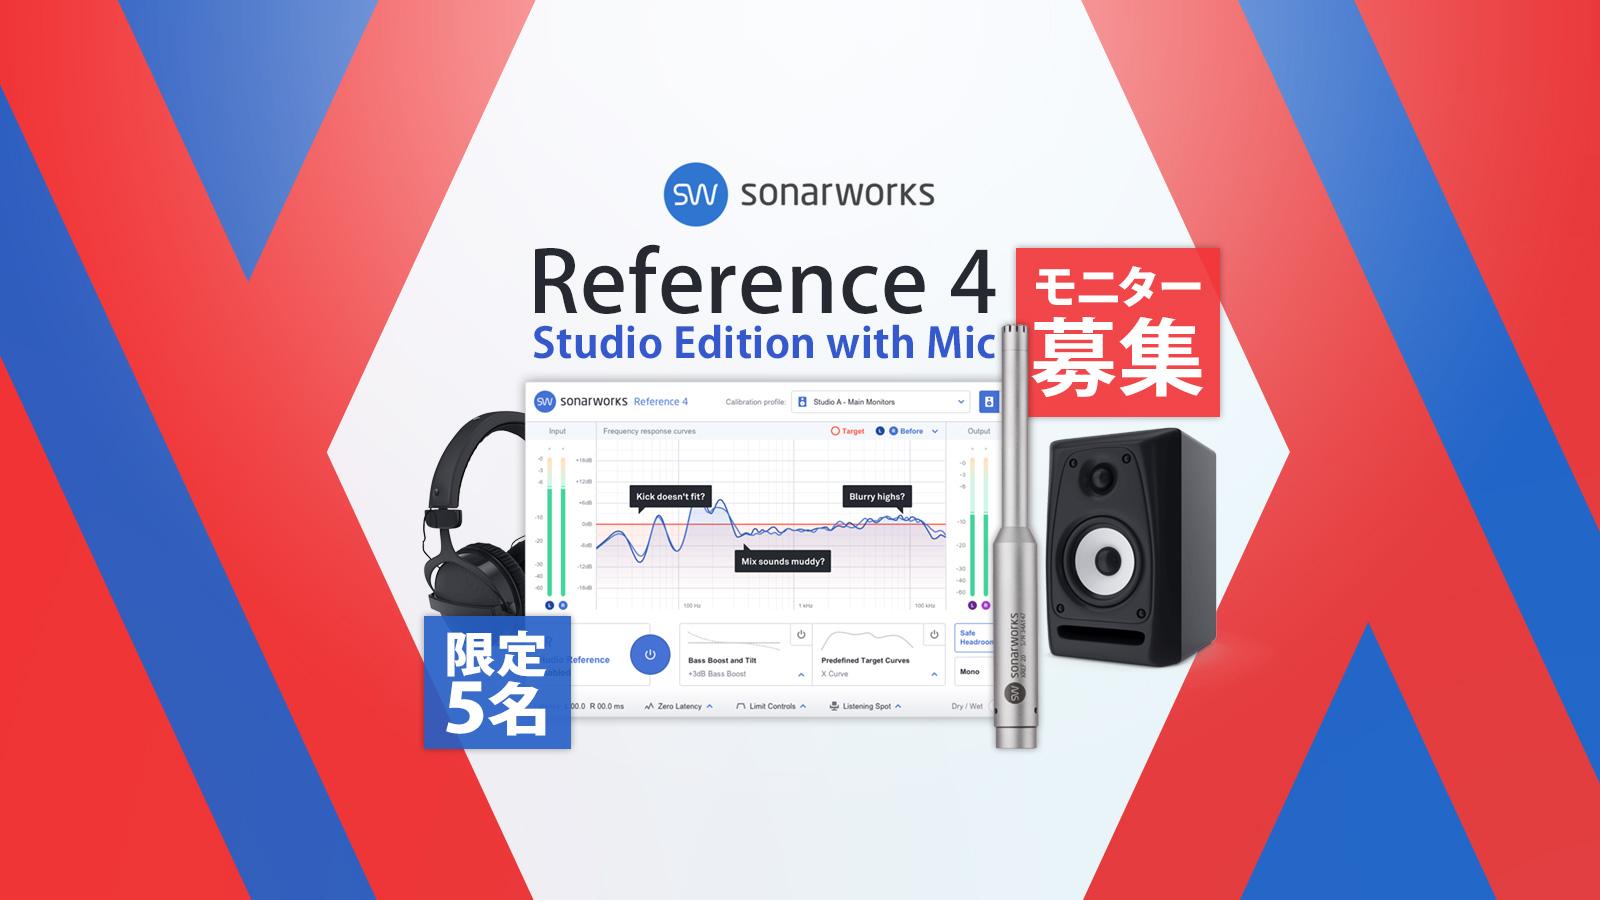 魔法のスピーカー・キャリブレーションを体験して、レポートしよう!Sonarworks Reference 4 モニター募集キャンペーン